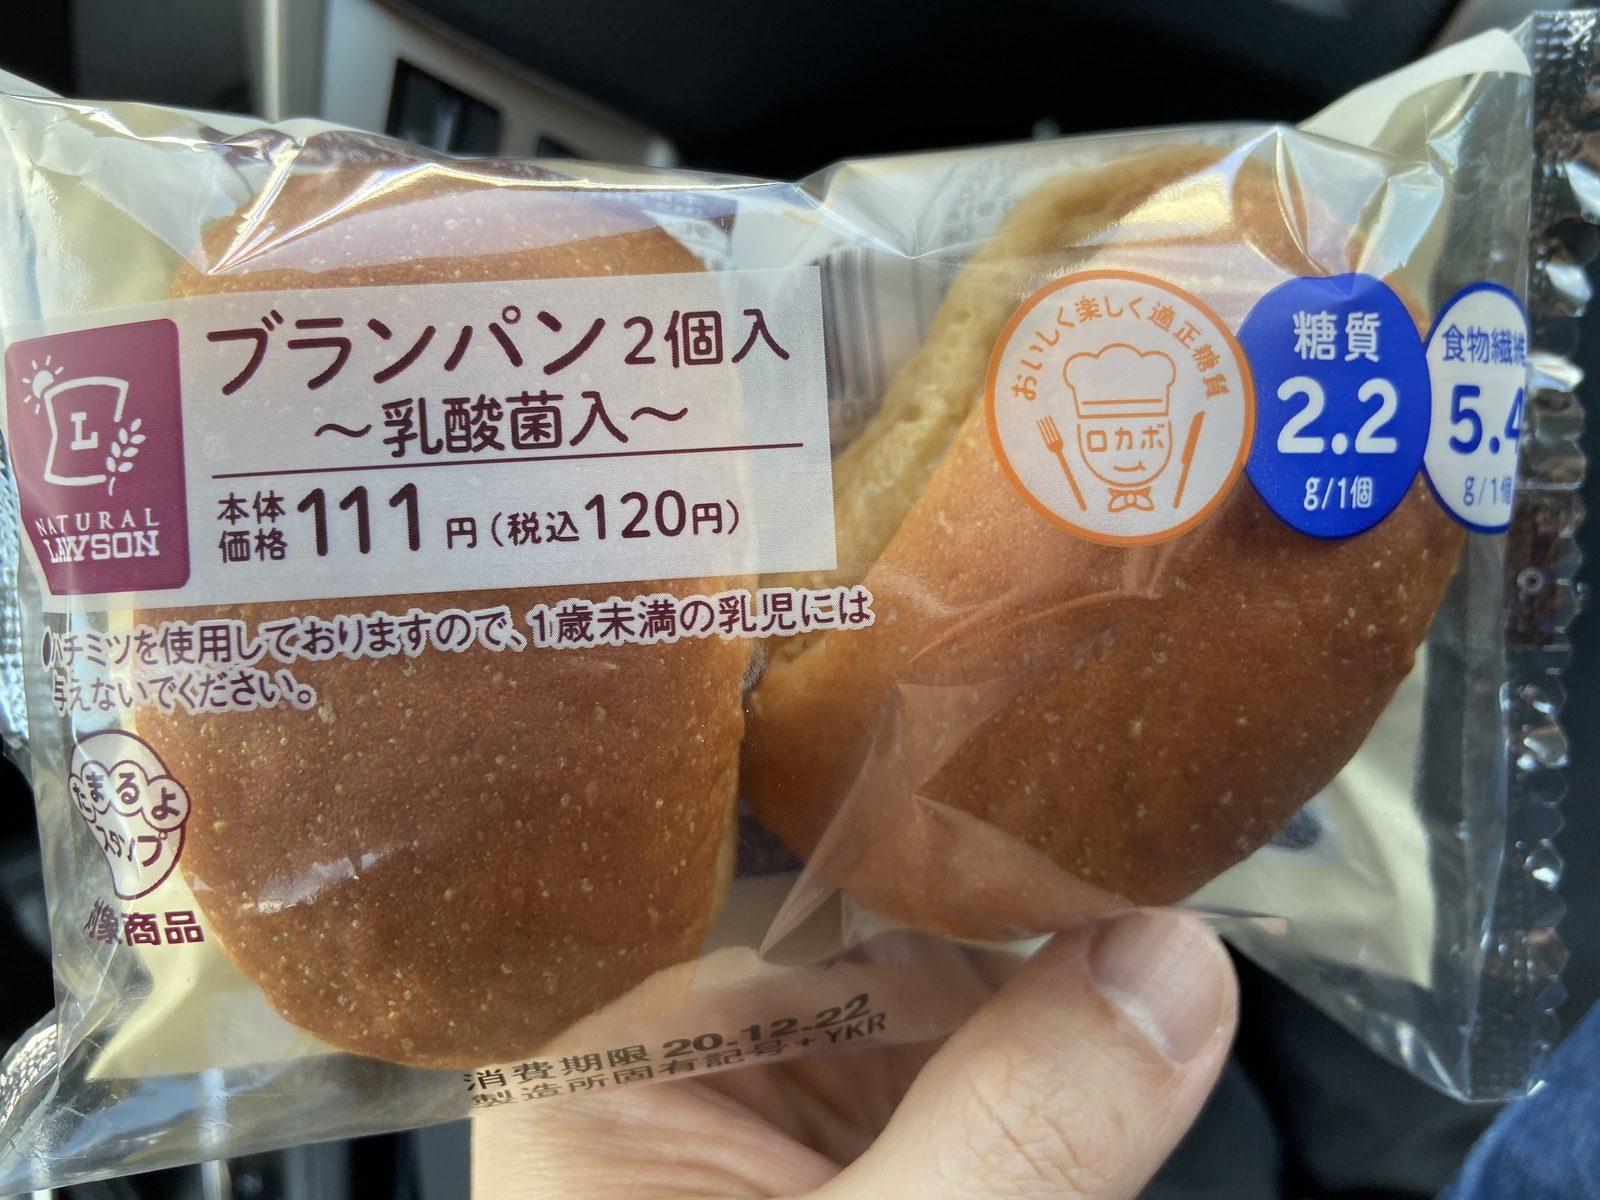 【BASE BREAD】プレーン vs【LAWSON】低糖質ブランパン